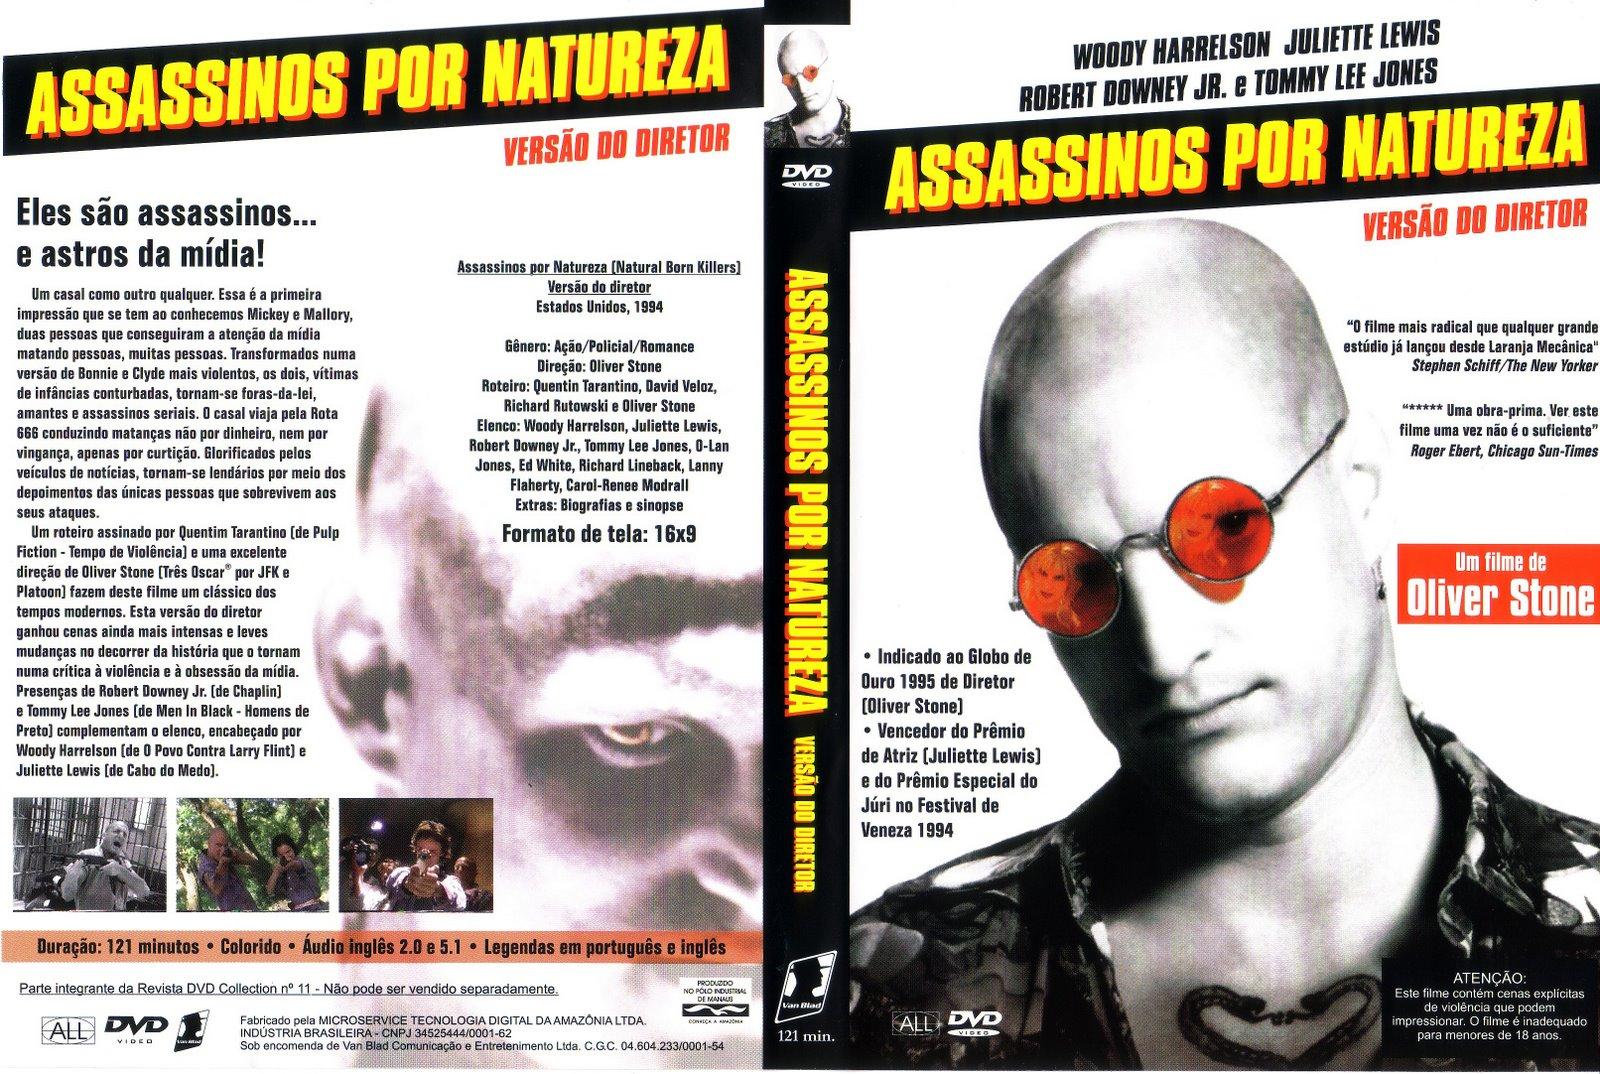 http://3.bp.blogspot.com/_V5rKwjMtm1k/S7twkcwsCiI/AAAAAAAAAGE/ajD1fqF4CHI/s1600/Assassinos_Por_Natureza.jpg